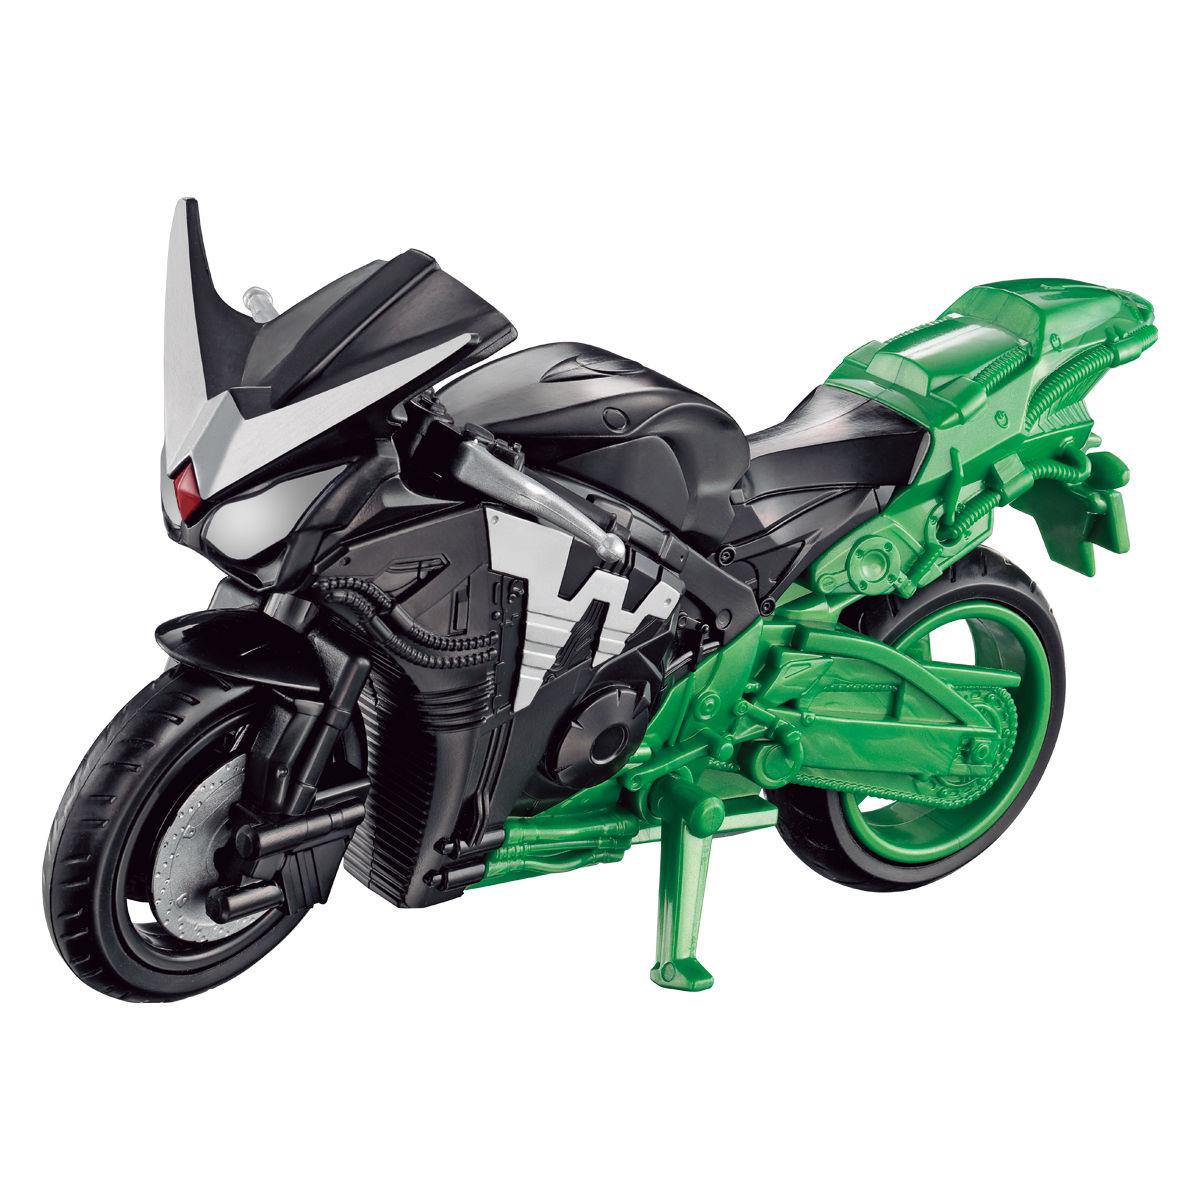 RKFレジェンドライダーシリーズ『仮面ライダーダブル サイクロンジョーカー&ハードボイルダー』可動フィギュア-005